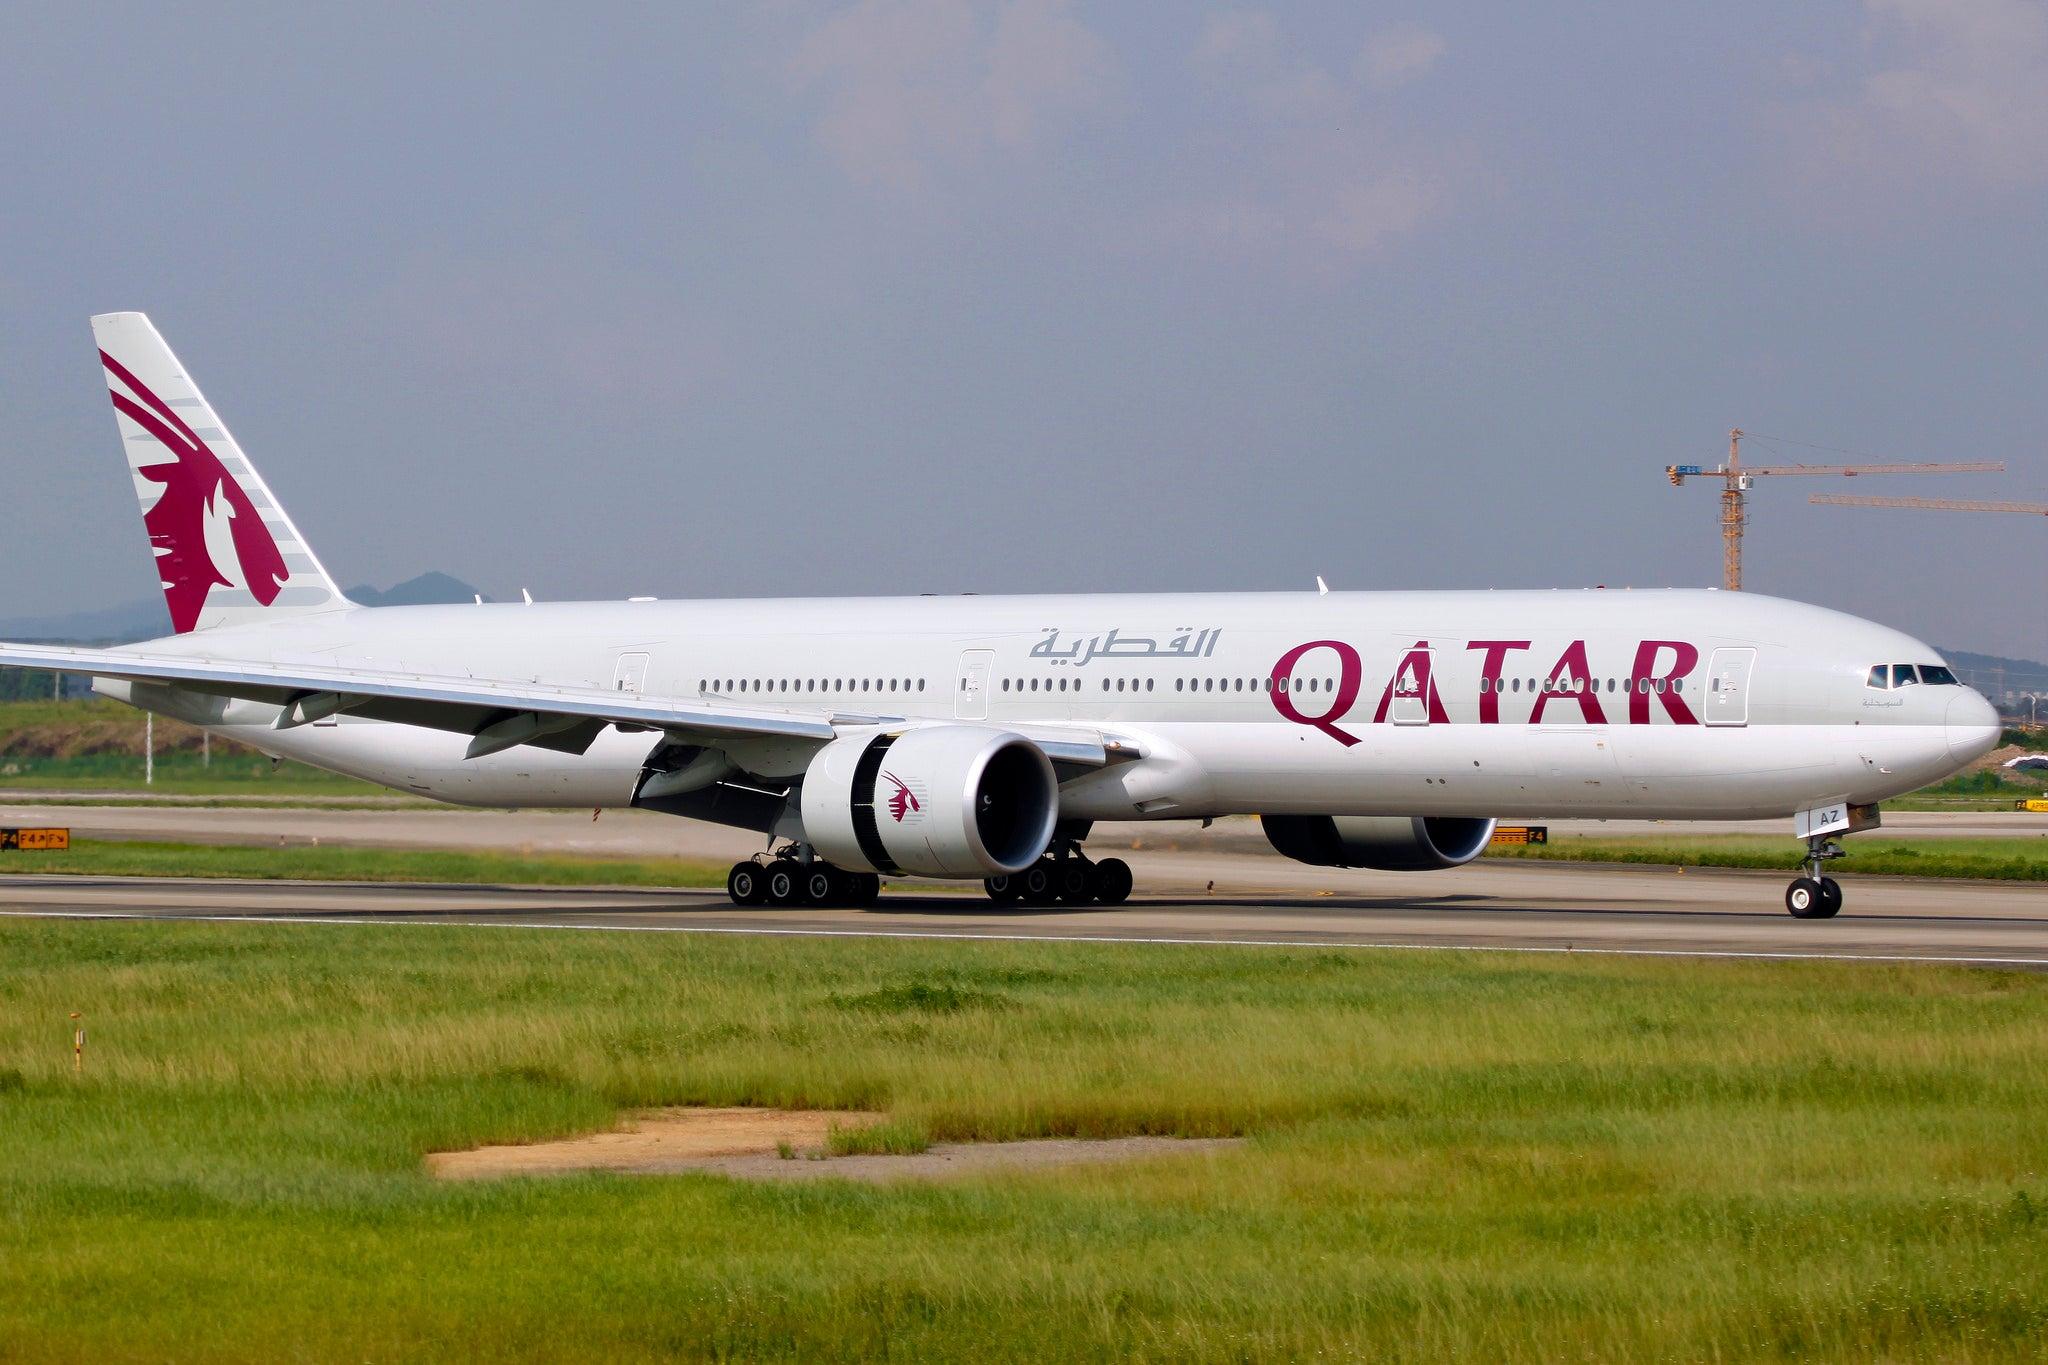 regole bagaglio qatar airways edreams blog di viaggi